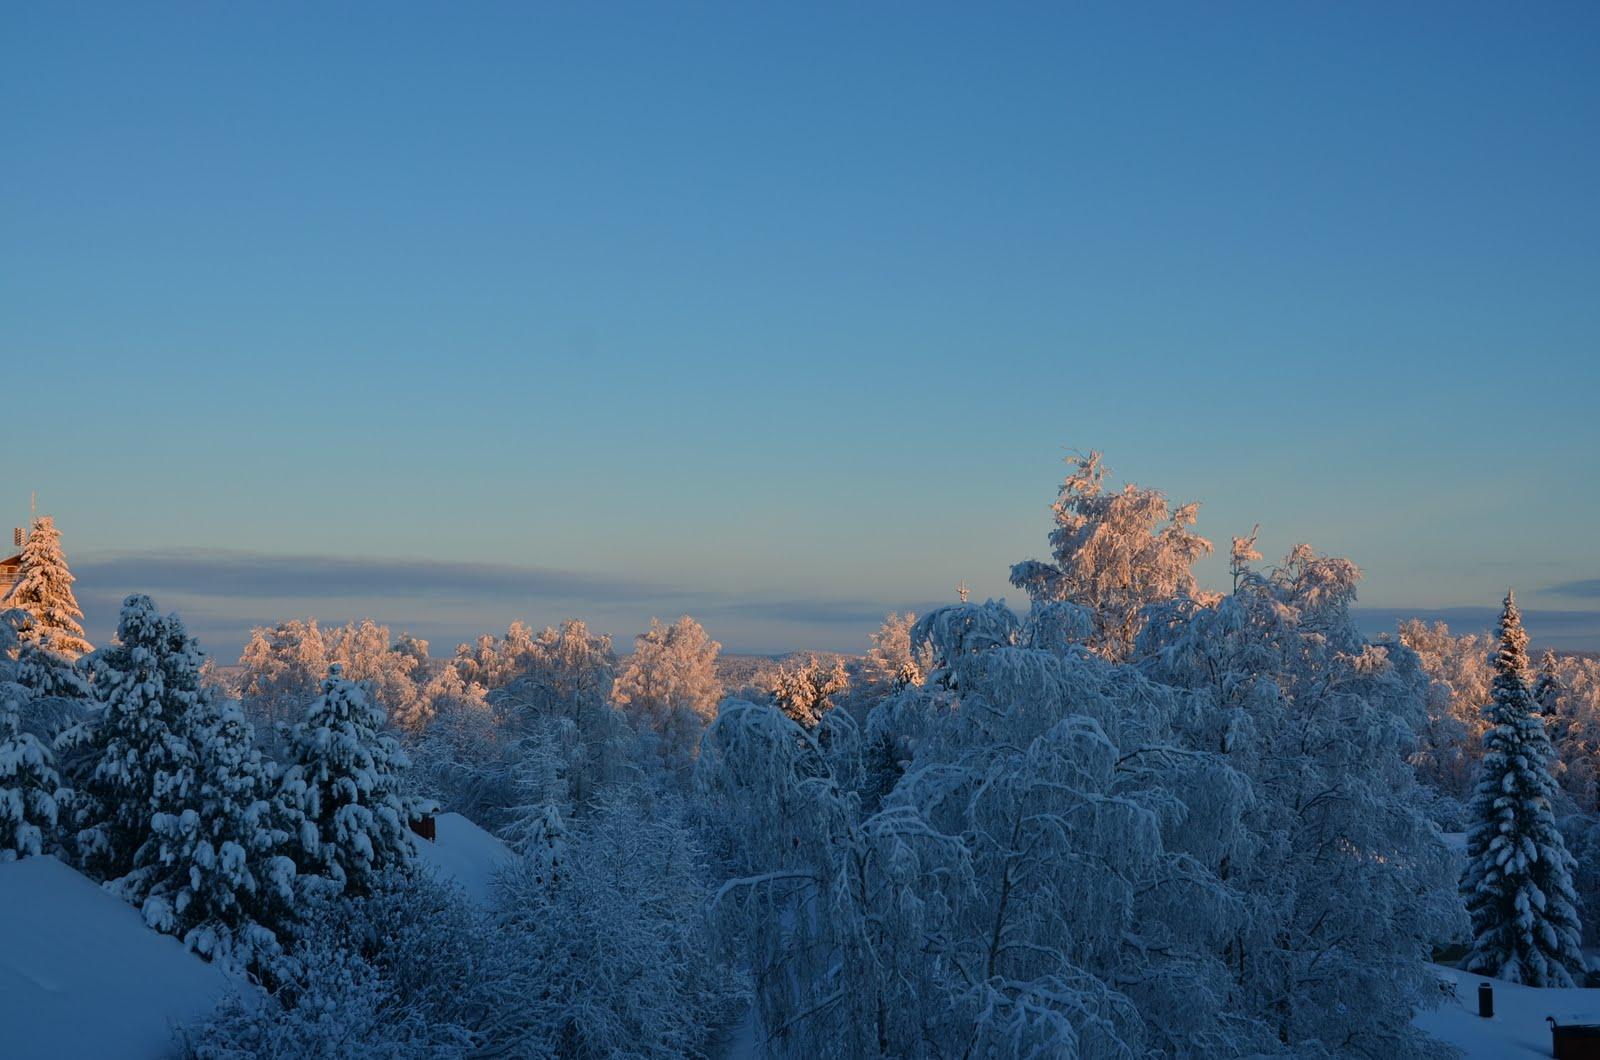 Toisella puolen lahden: Suomi Lappi ja Rovaniemi.